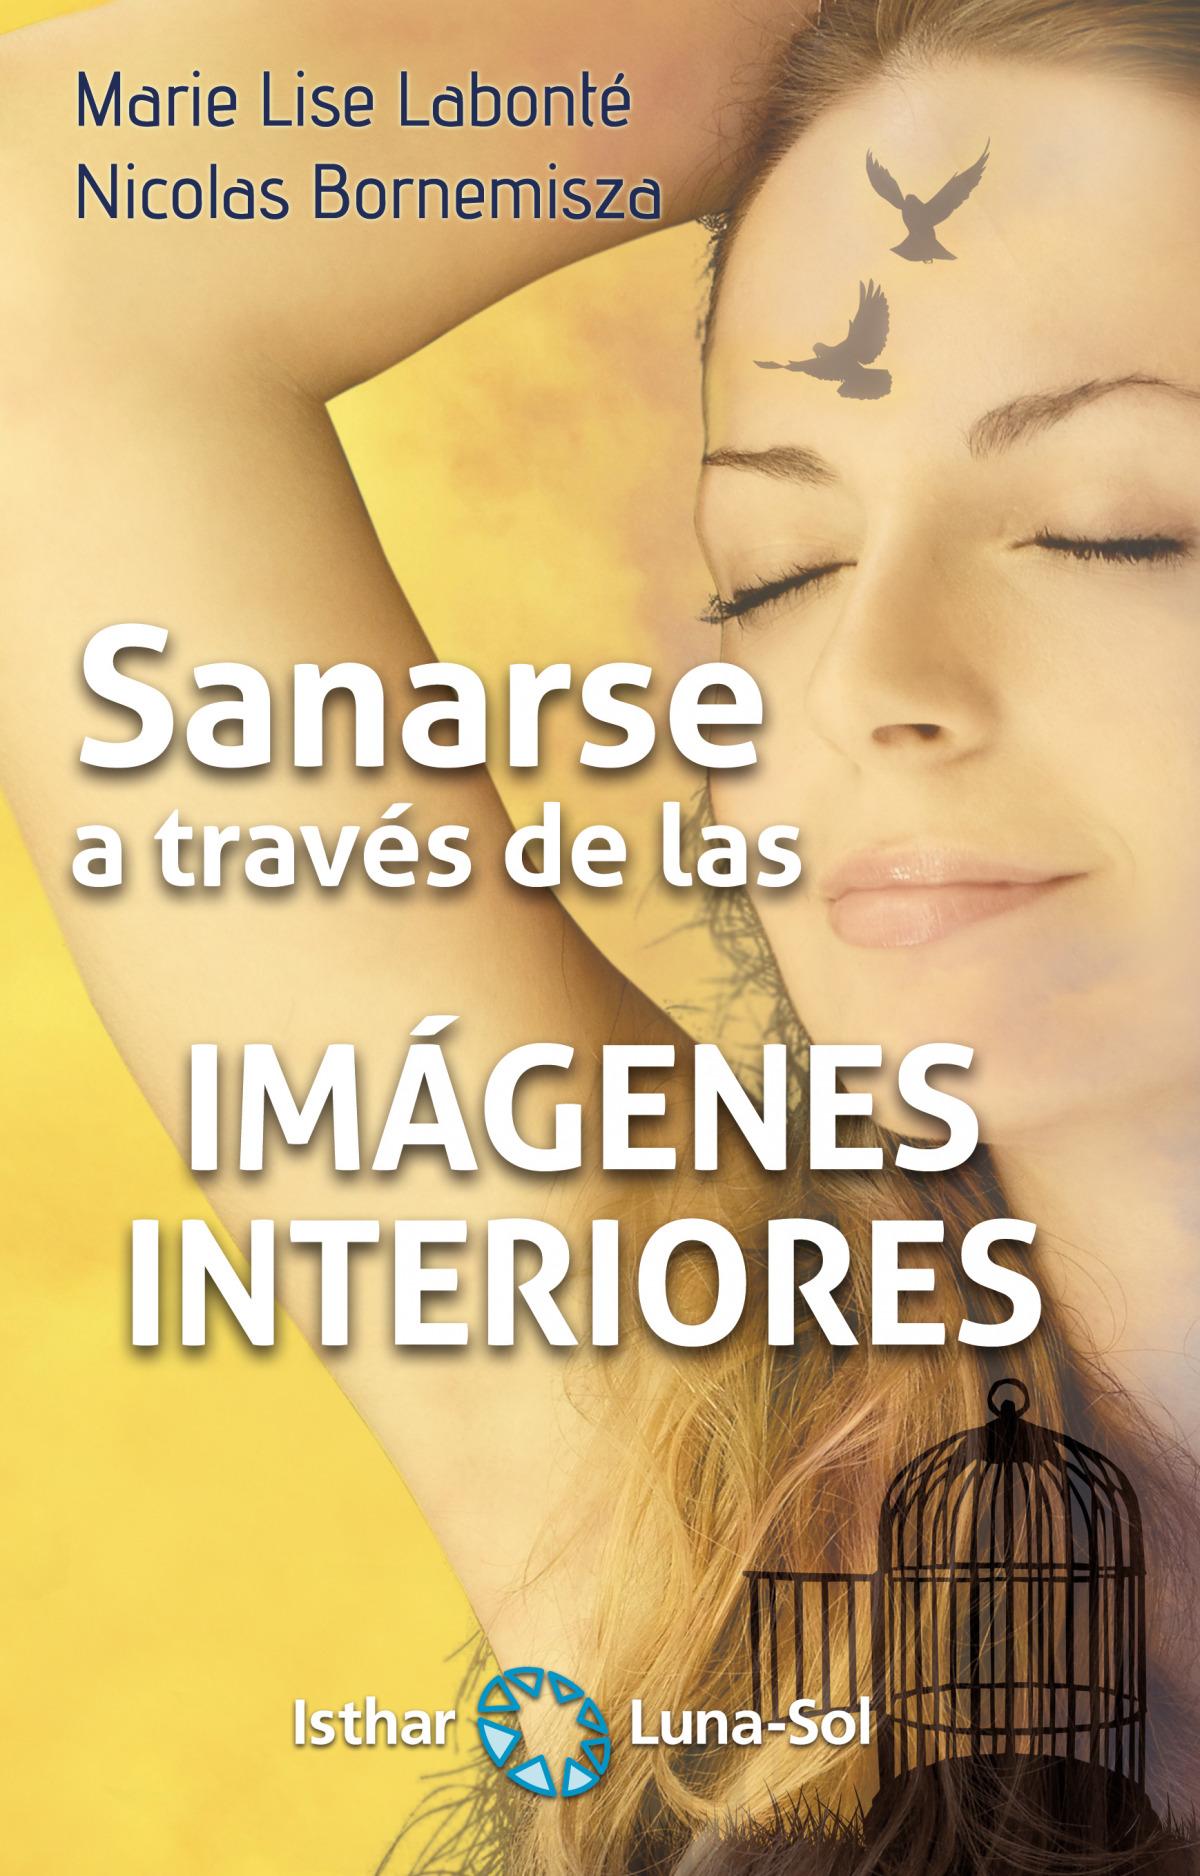 SANARSE A TRAVÉS DE LAS IMAGENES INTERIORES 9788417230272